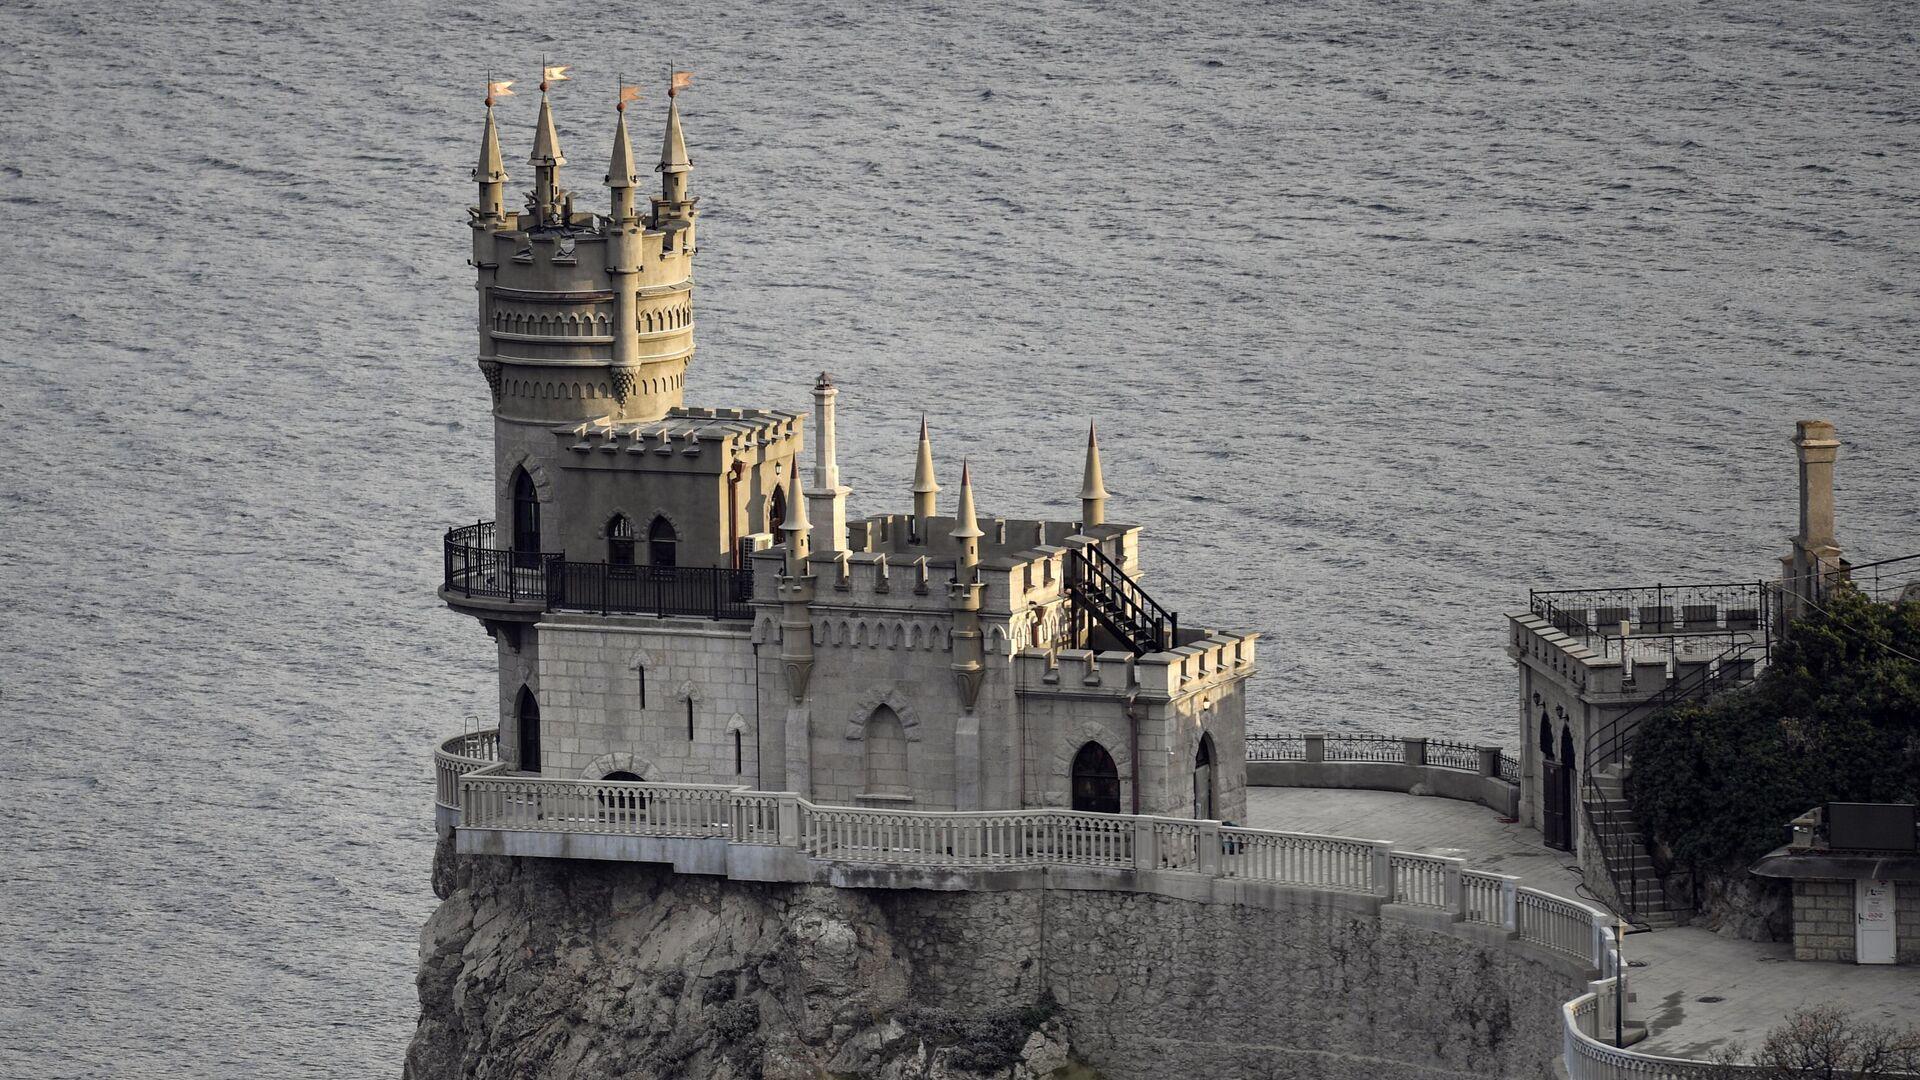 Завершена реконструкция дворца-замка Ласточкино гнездо вблизи Ялты - РИА Новости, 1920, 25.01.2021